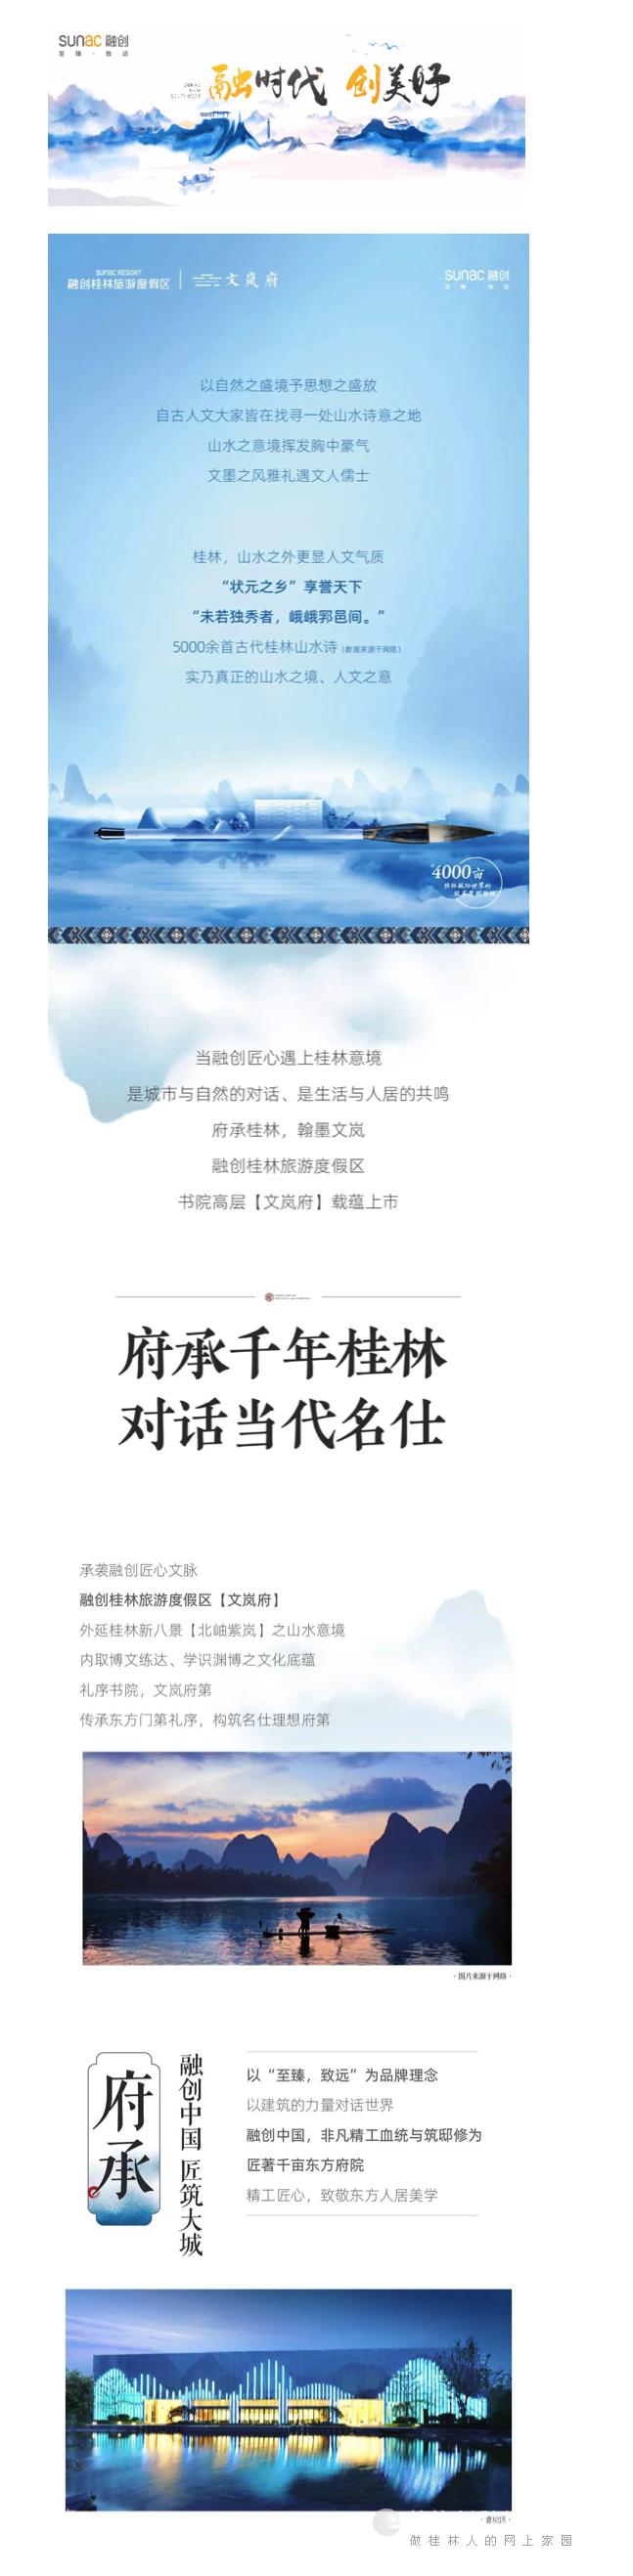 府承桂林丨翰墨文岚 书院高层预约盛启